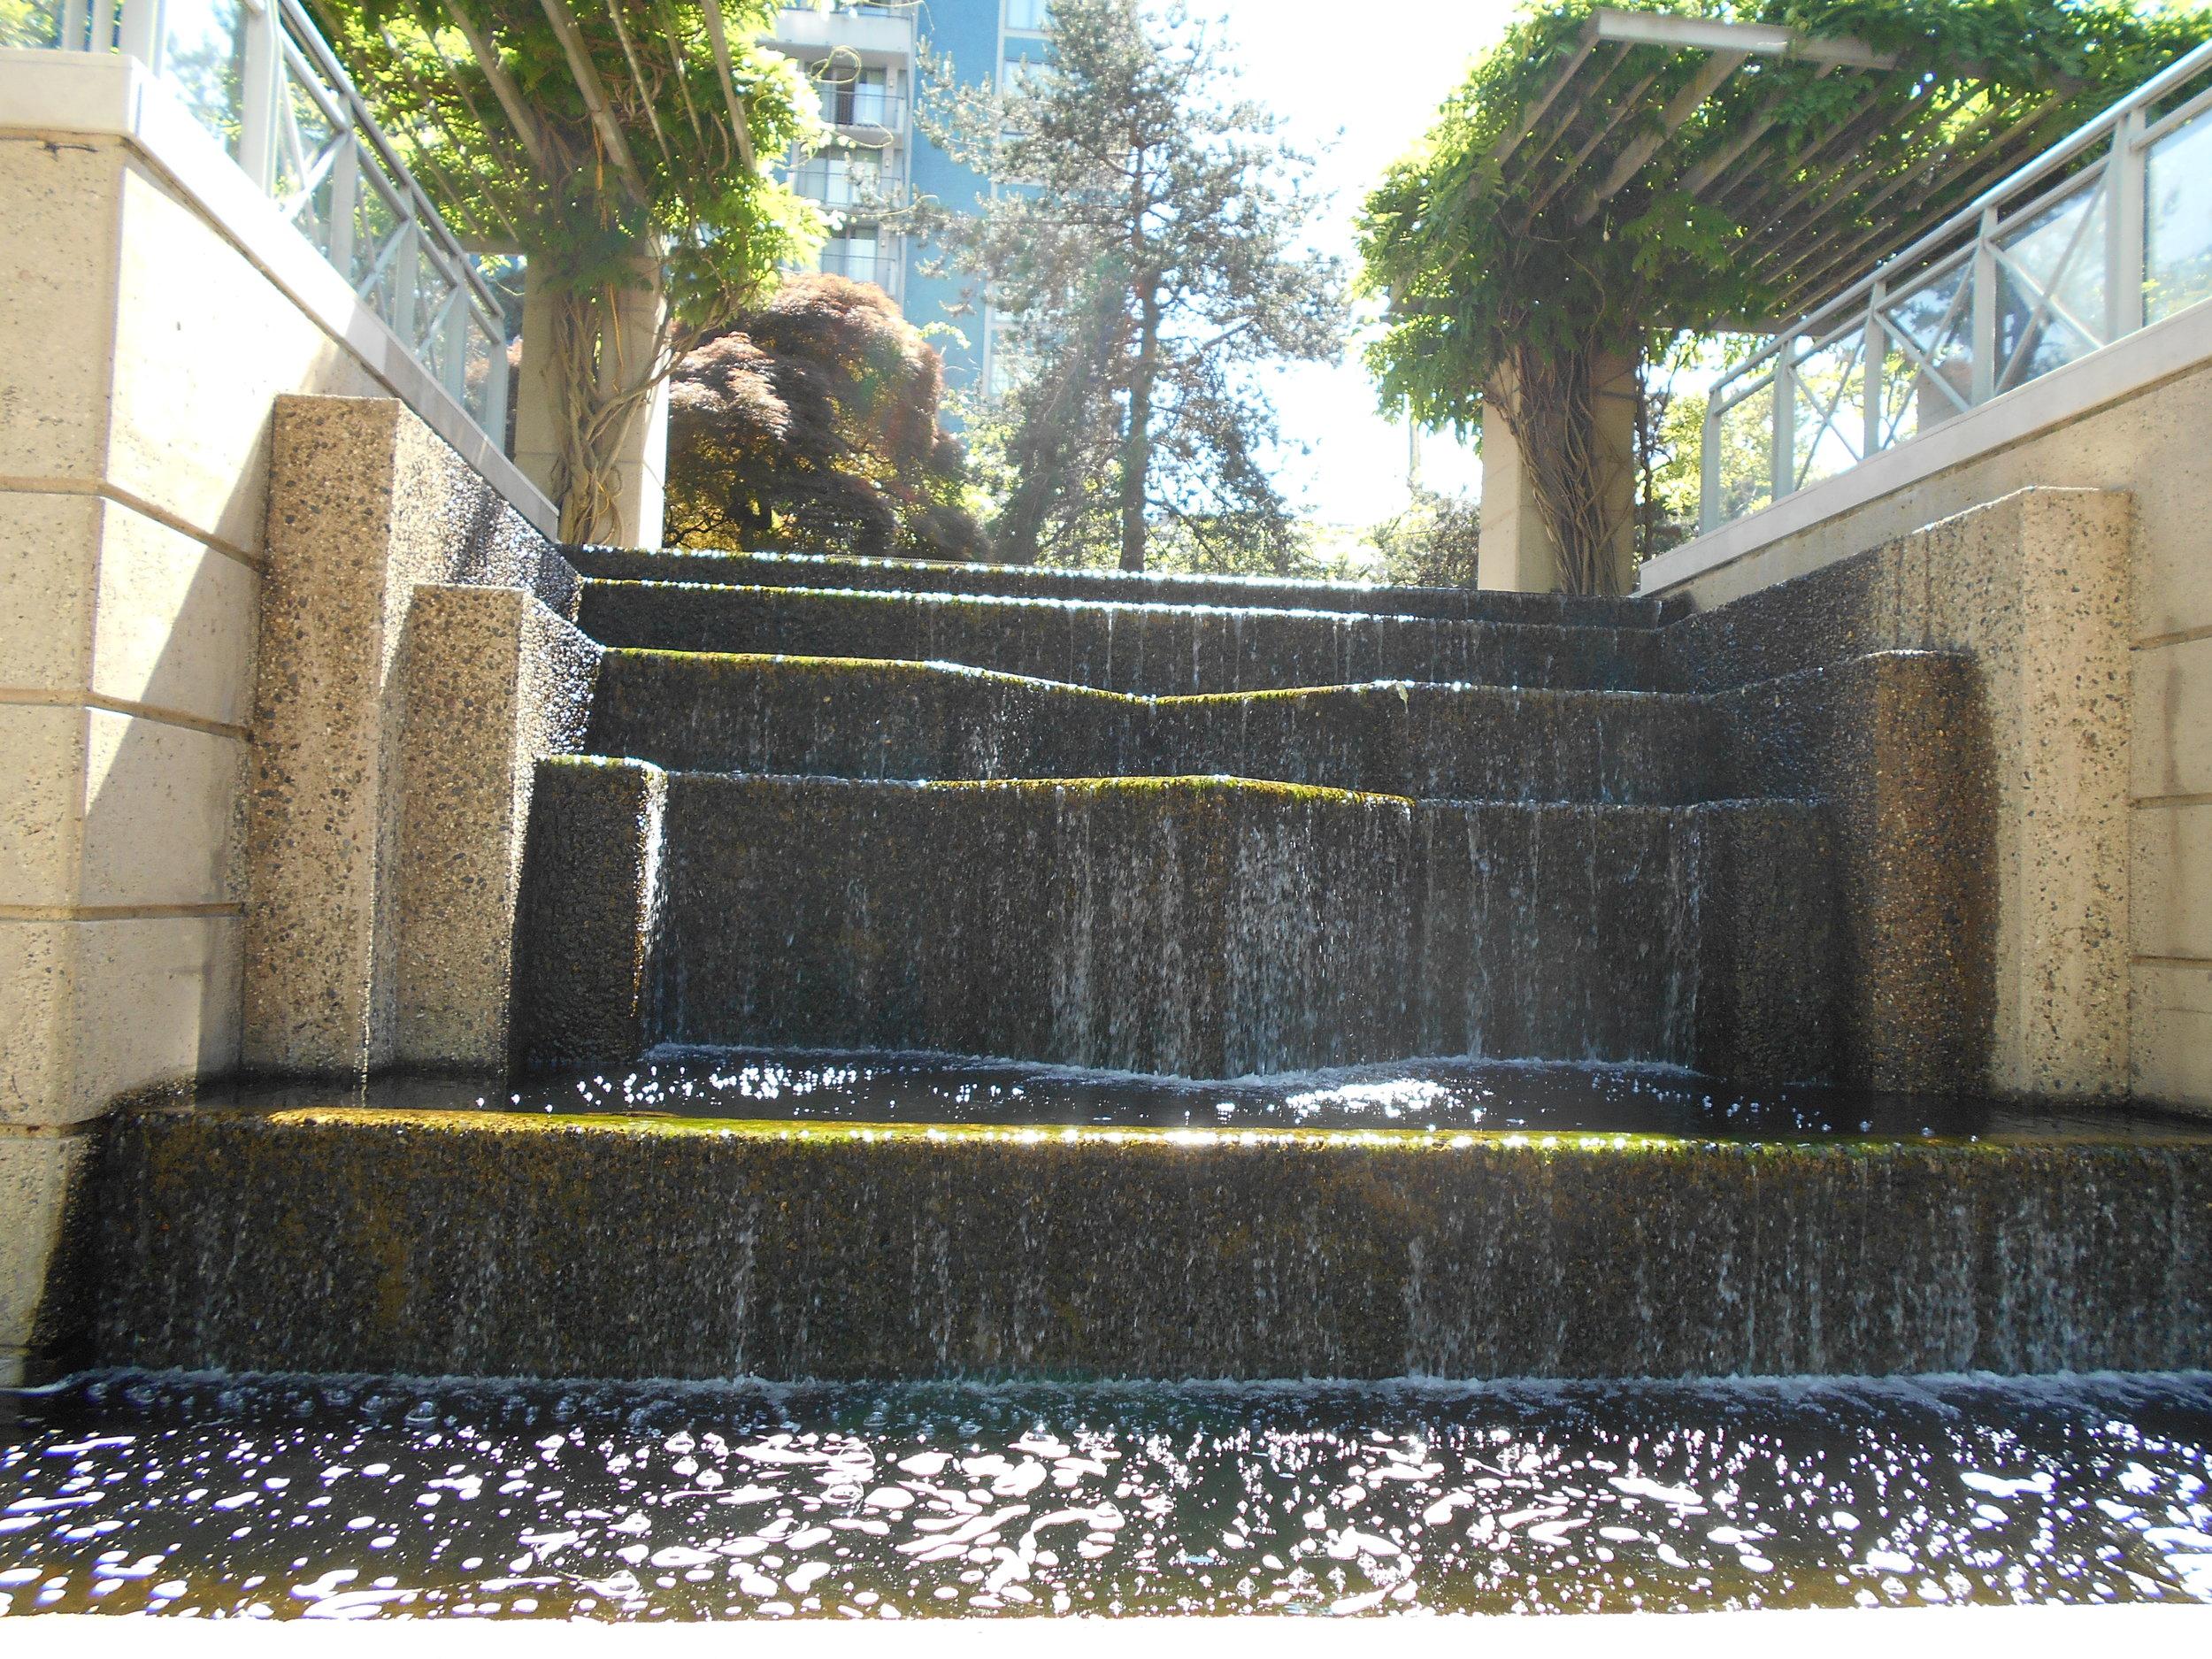 Waterfall garden at Pacific Palisades.